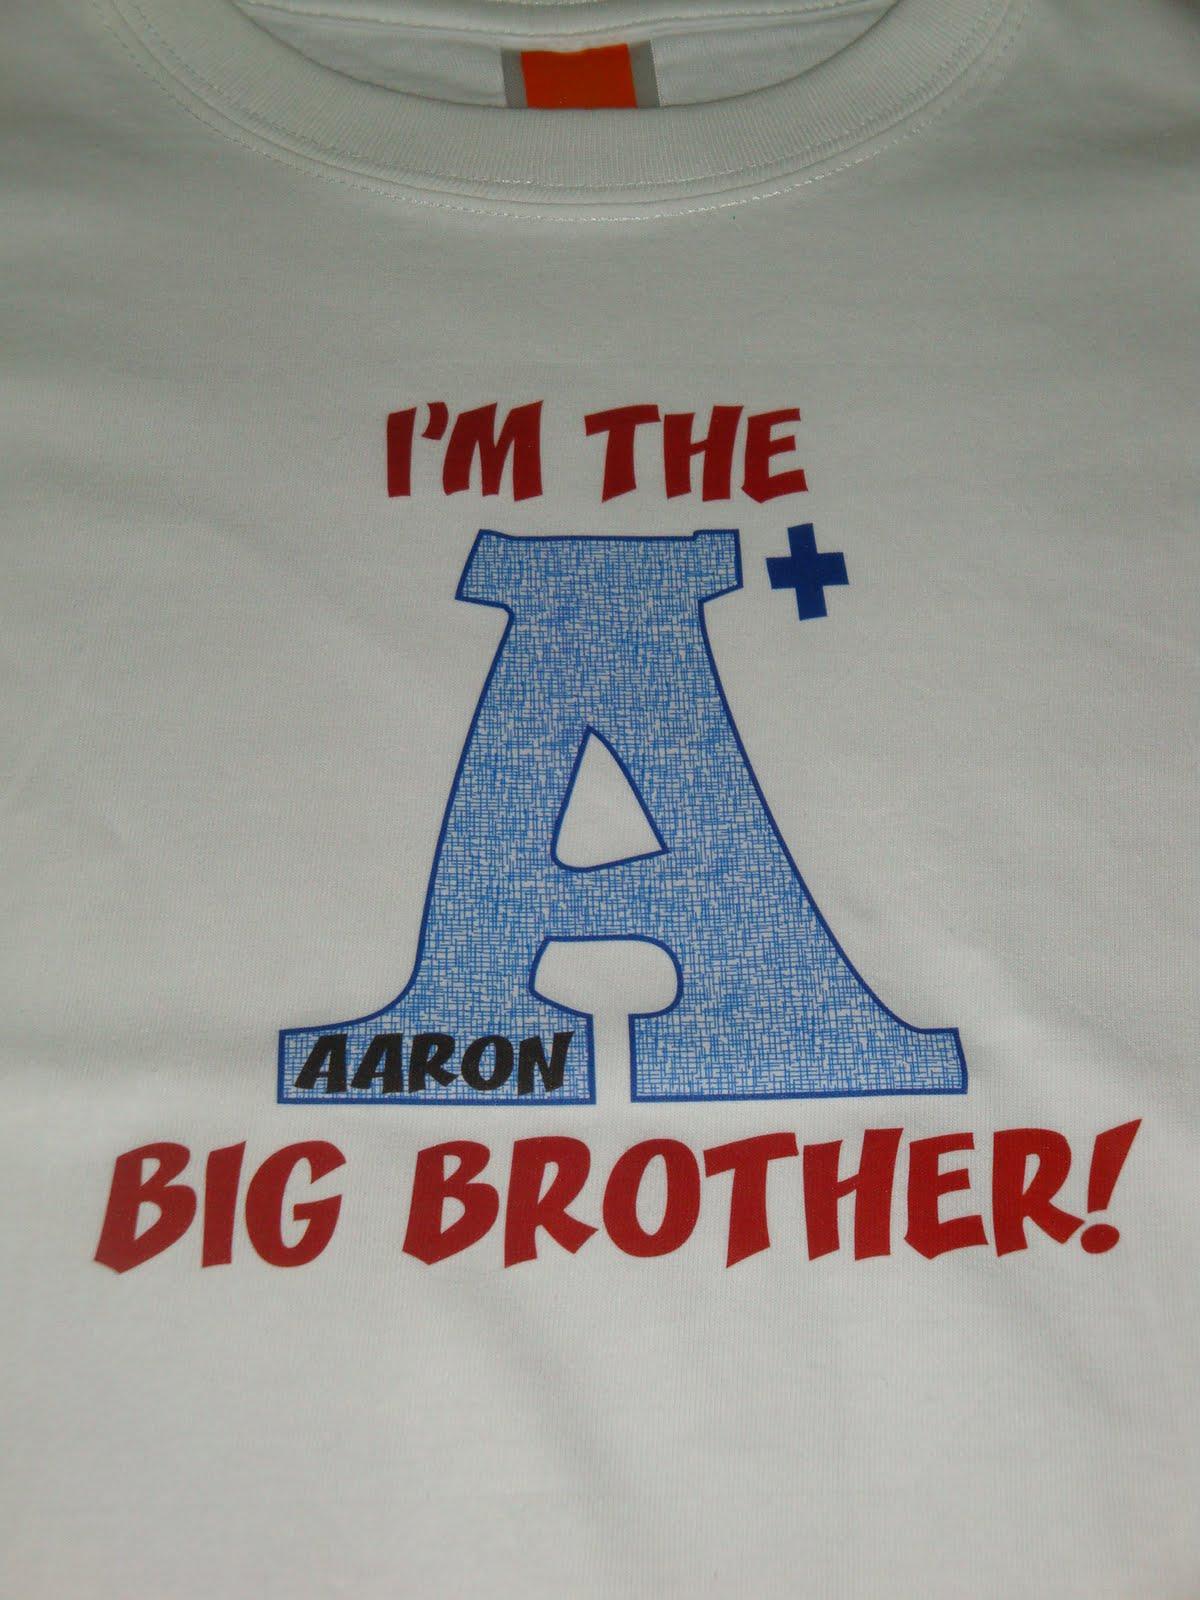 http://3.bp.blogspot.com/_V2UqUtQV7HA/TDDZrTgvkII/AAAAAAAACBA/AHecjHoL-WE/s1600/aaron.JPG